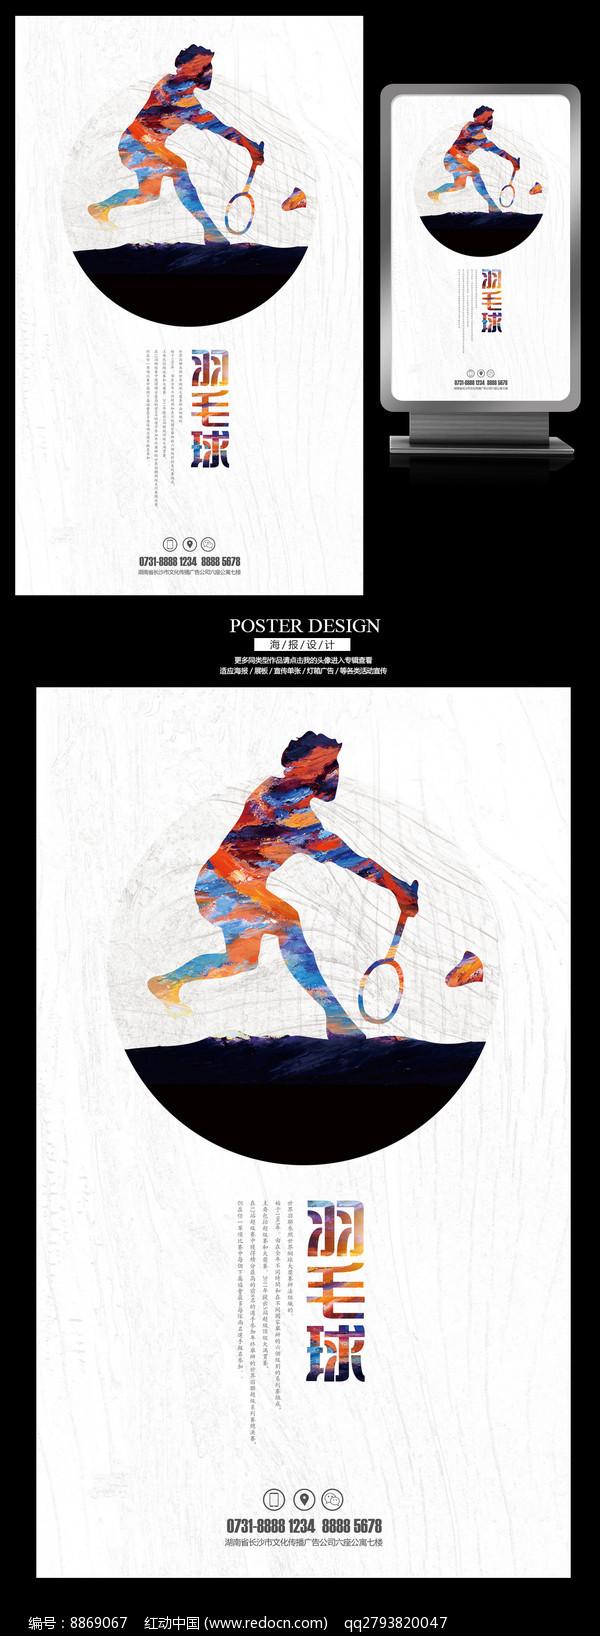 羽毛球比赛运动宣传海报图片